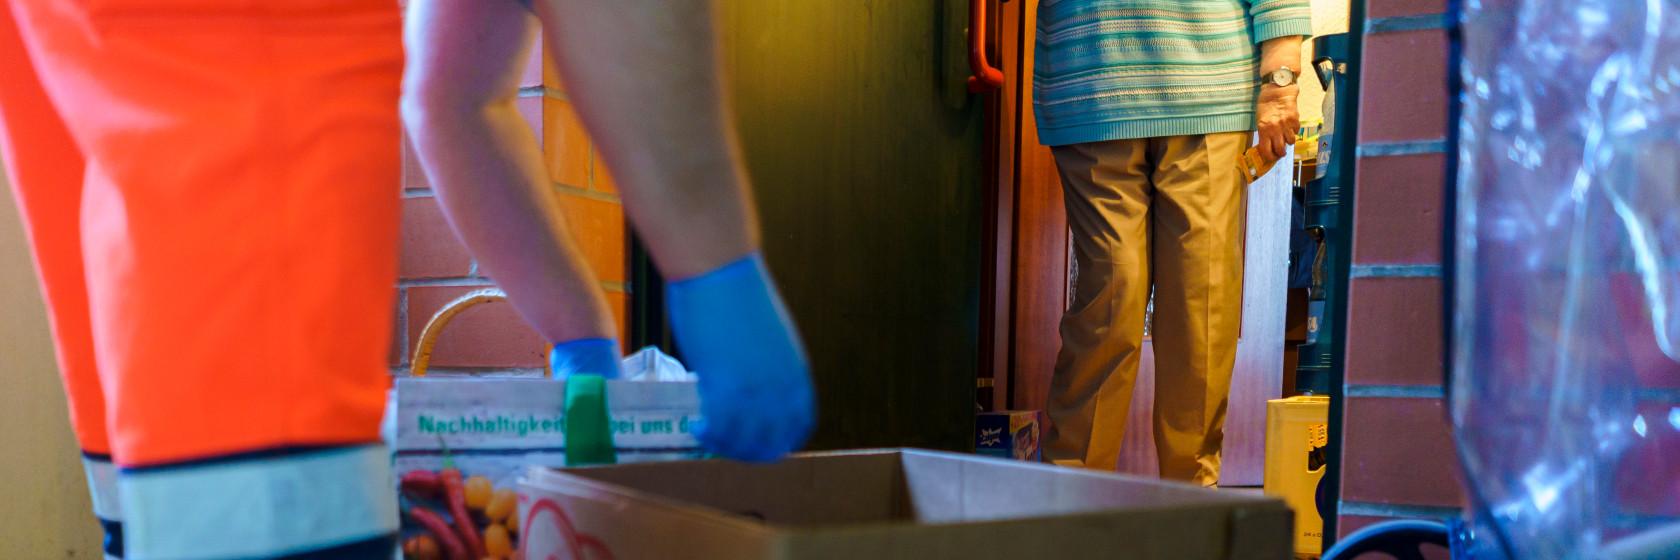 Helfer der Johanniter-Unfall-Hilfe beliefert eine ältere Frau mit Einkäufen während der Corona-Pandemie.